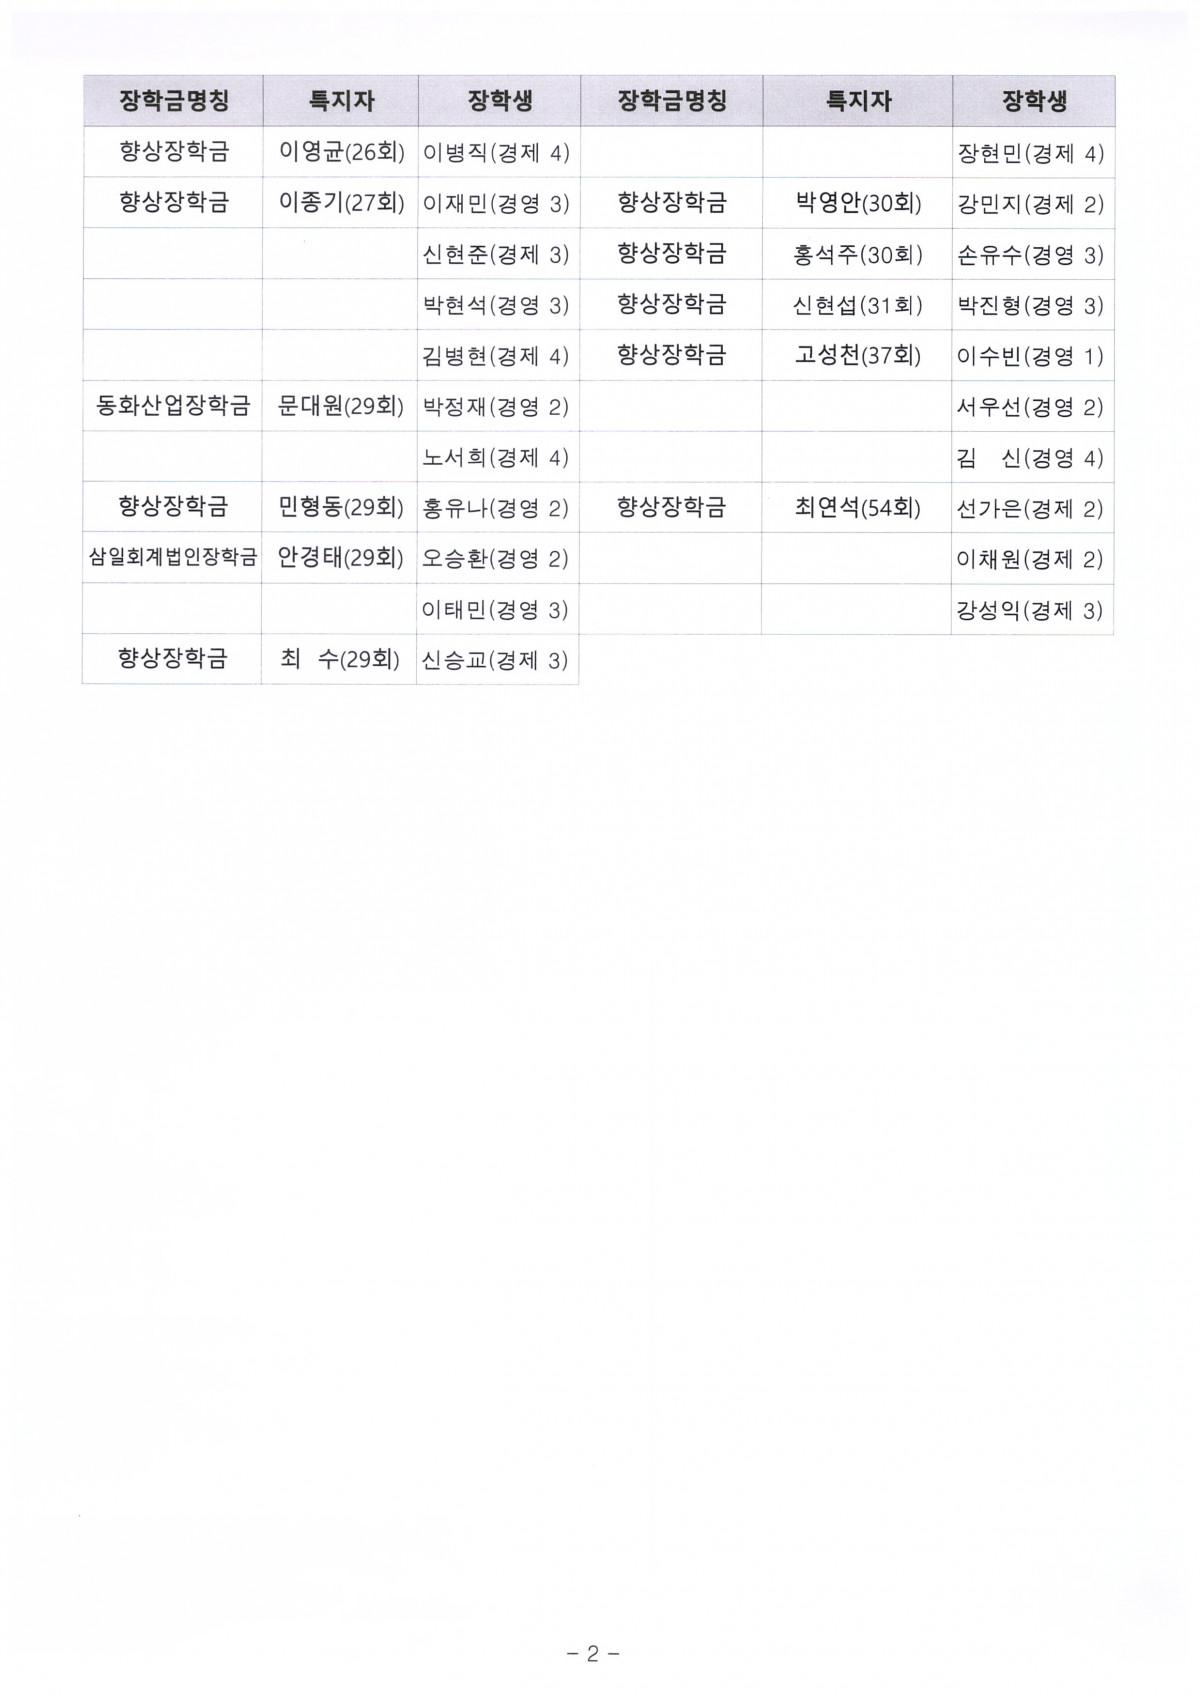 12ea3a8fe82b8b02a409bfca47757b79_1614057482_5304.JPG